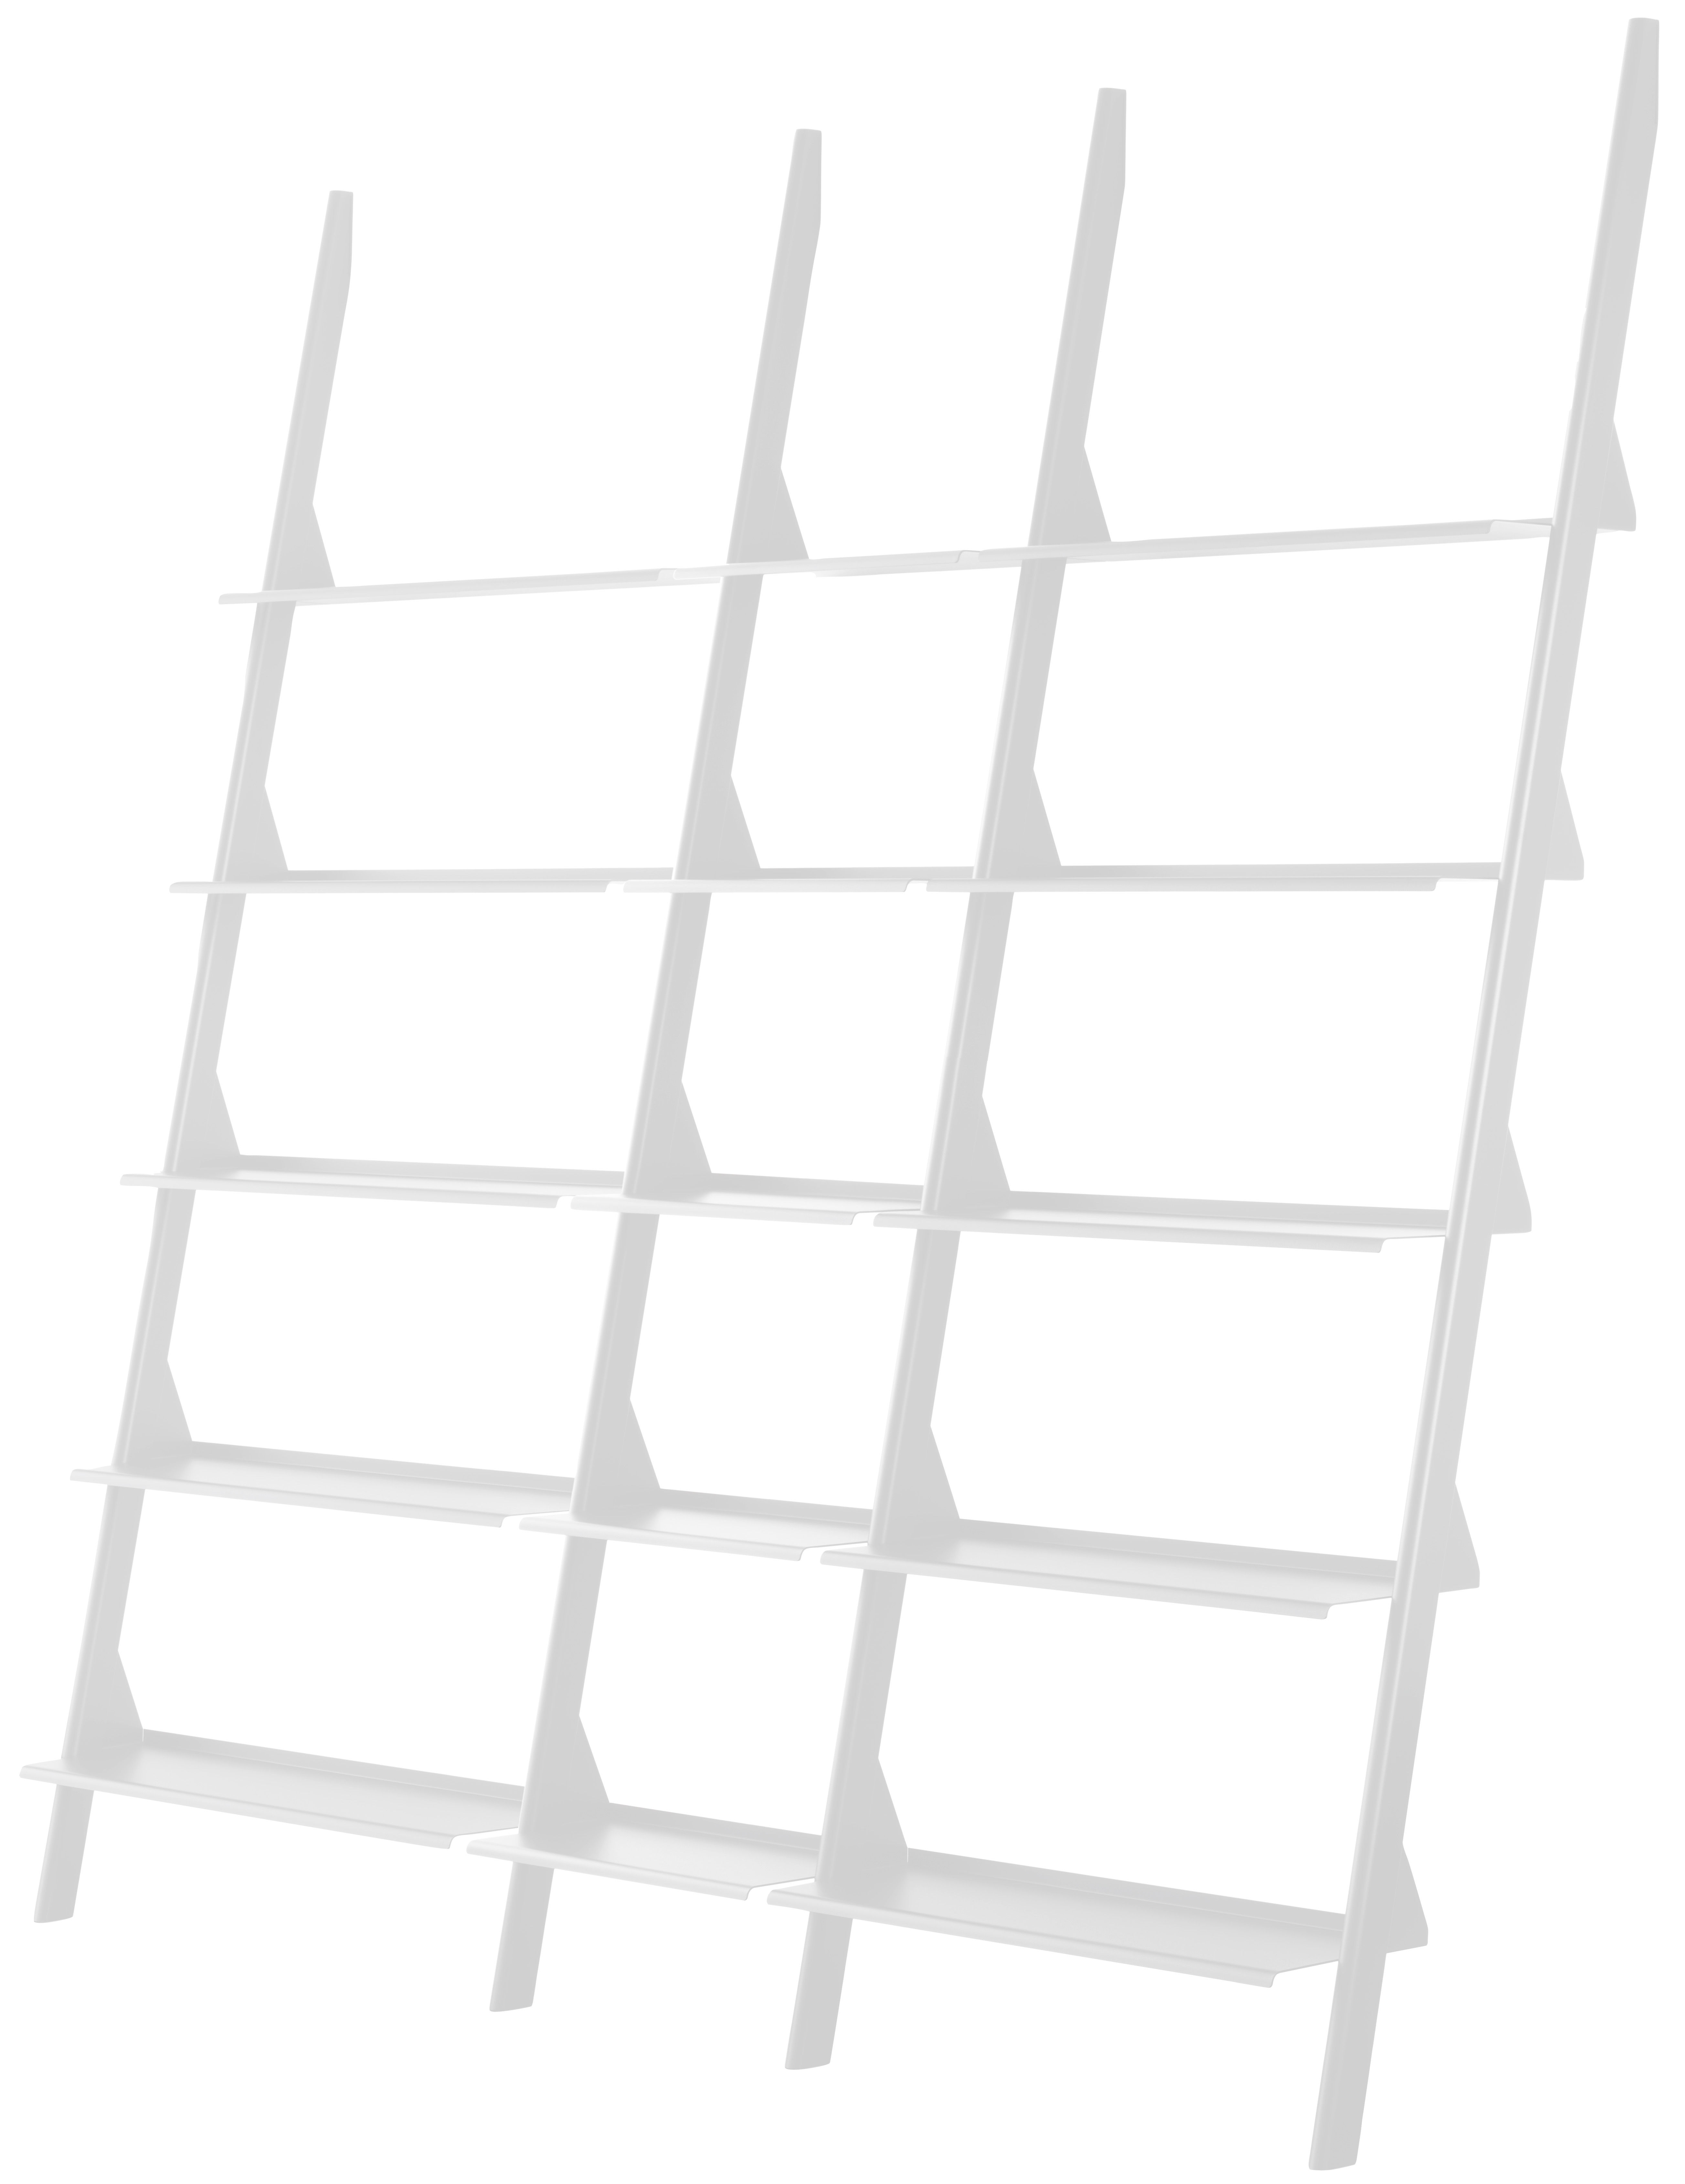 Mobilier - Etagères & bibliothèques - Bibliothèque Tyke - The Wild Bunch / L 195 x H 211 cm - Magis - Blanc - Acier verni